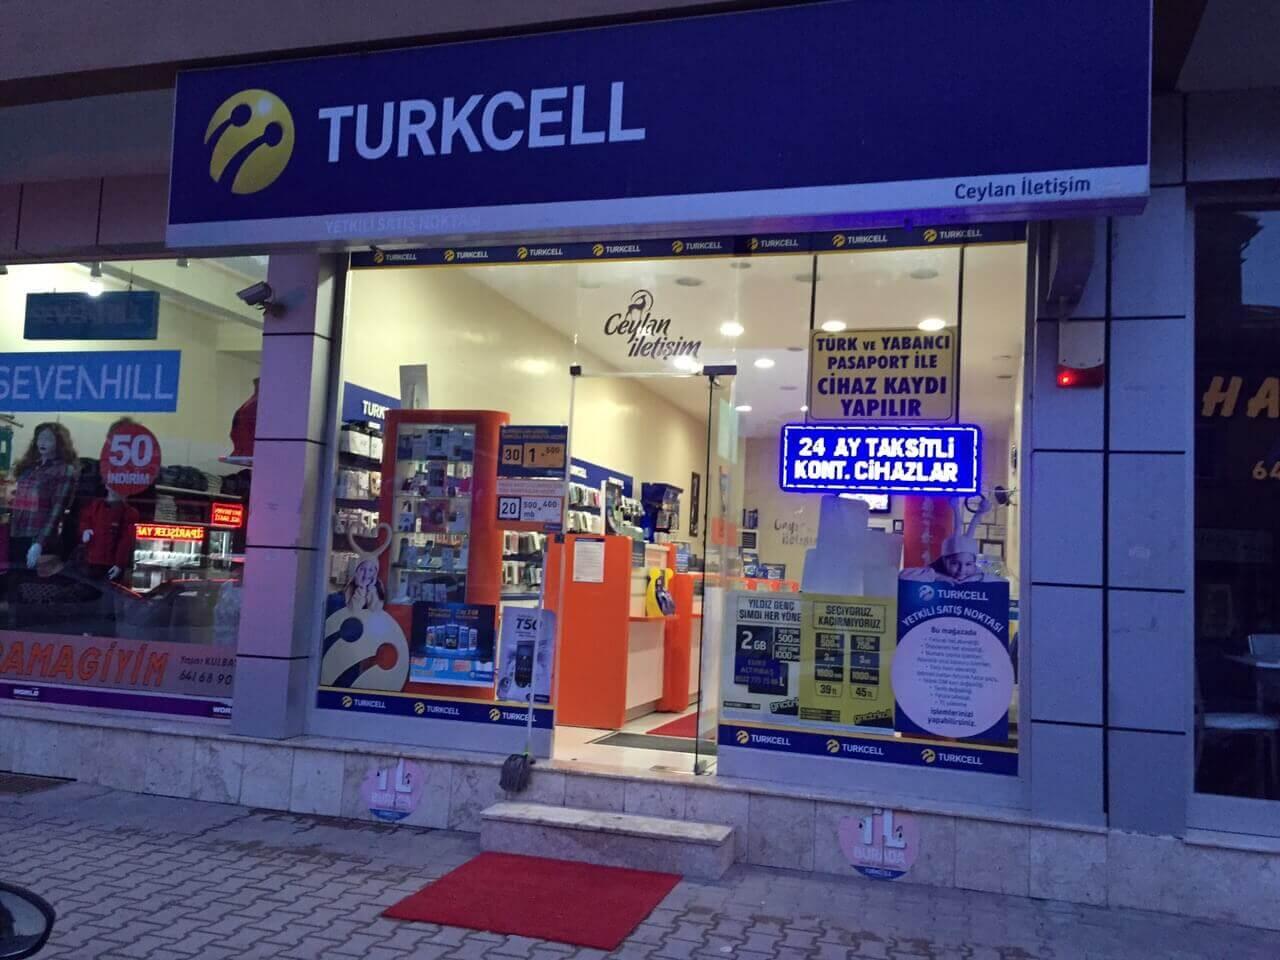 Ceylan İletişim Turkcell